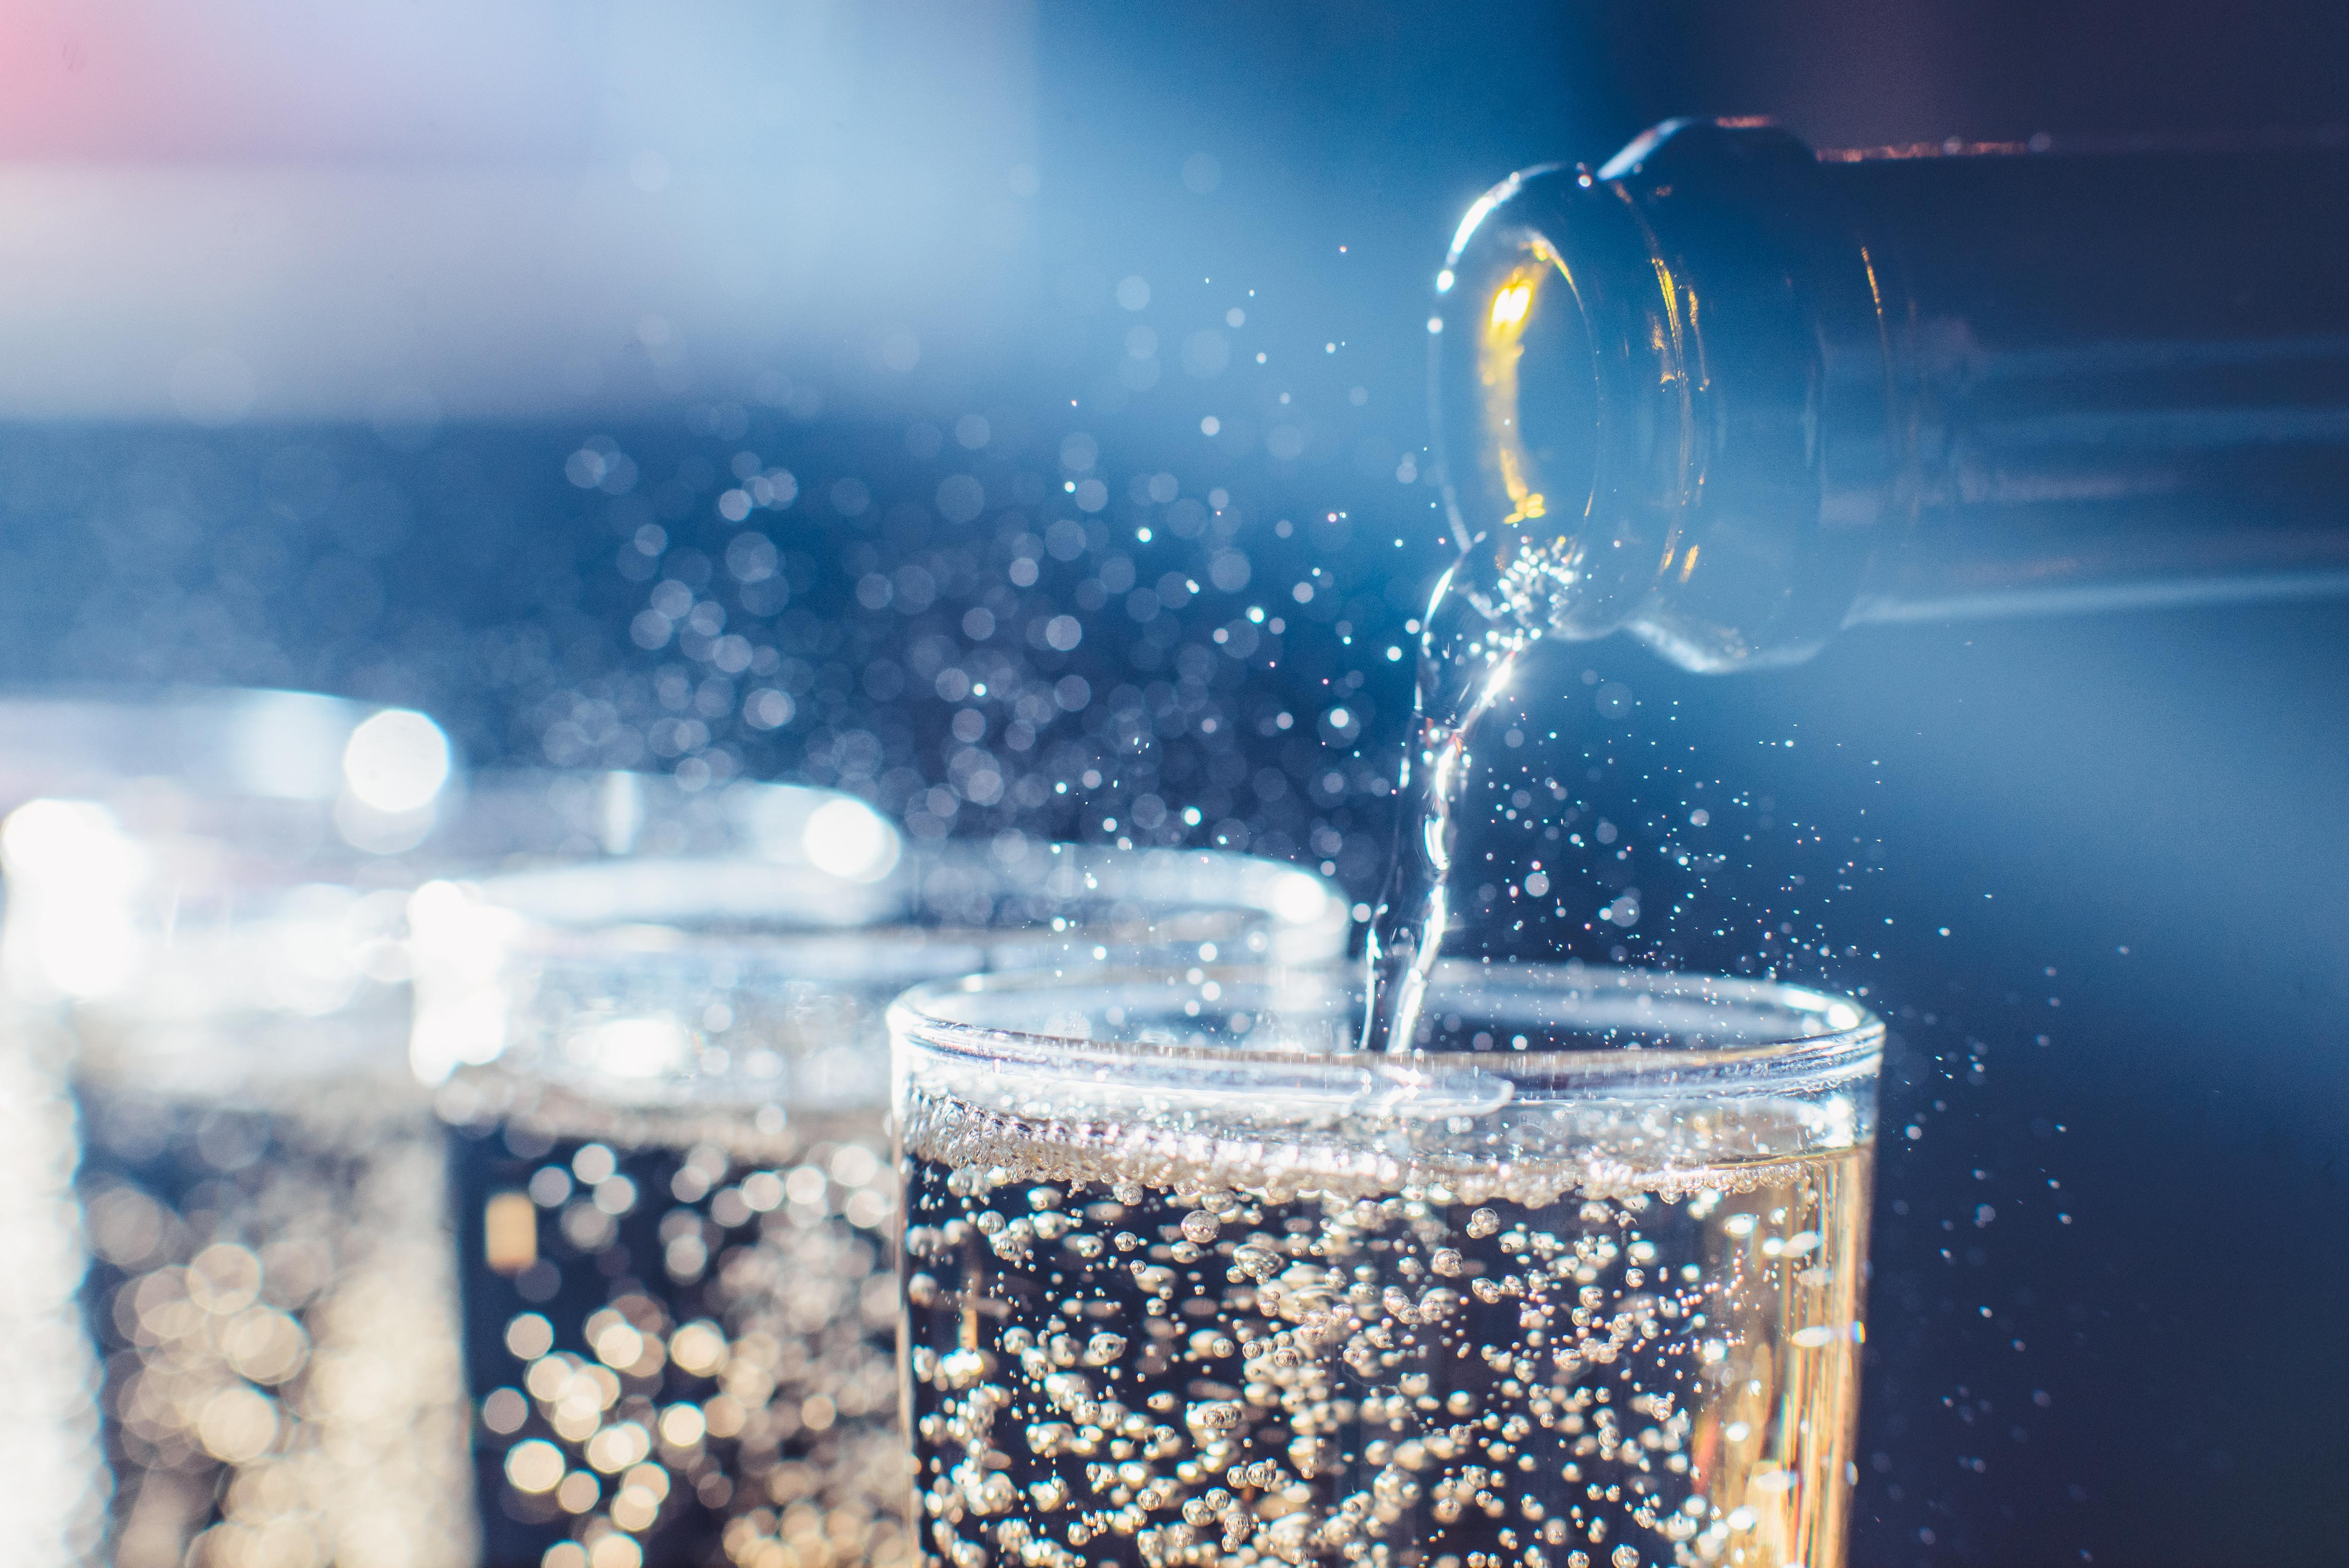 glazen met drank